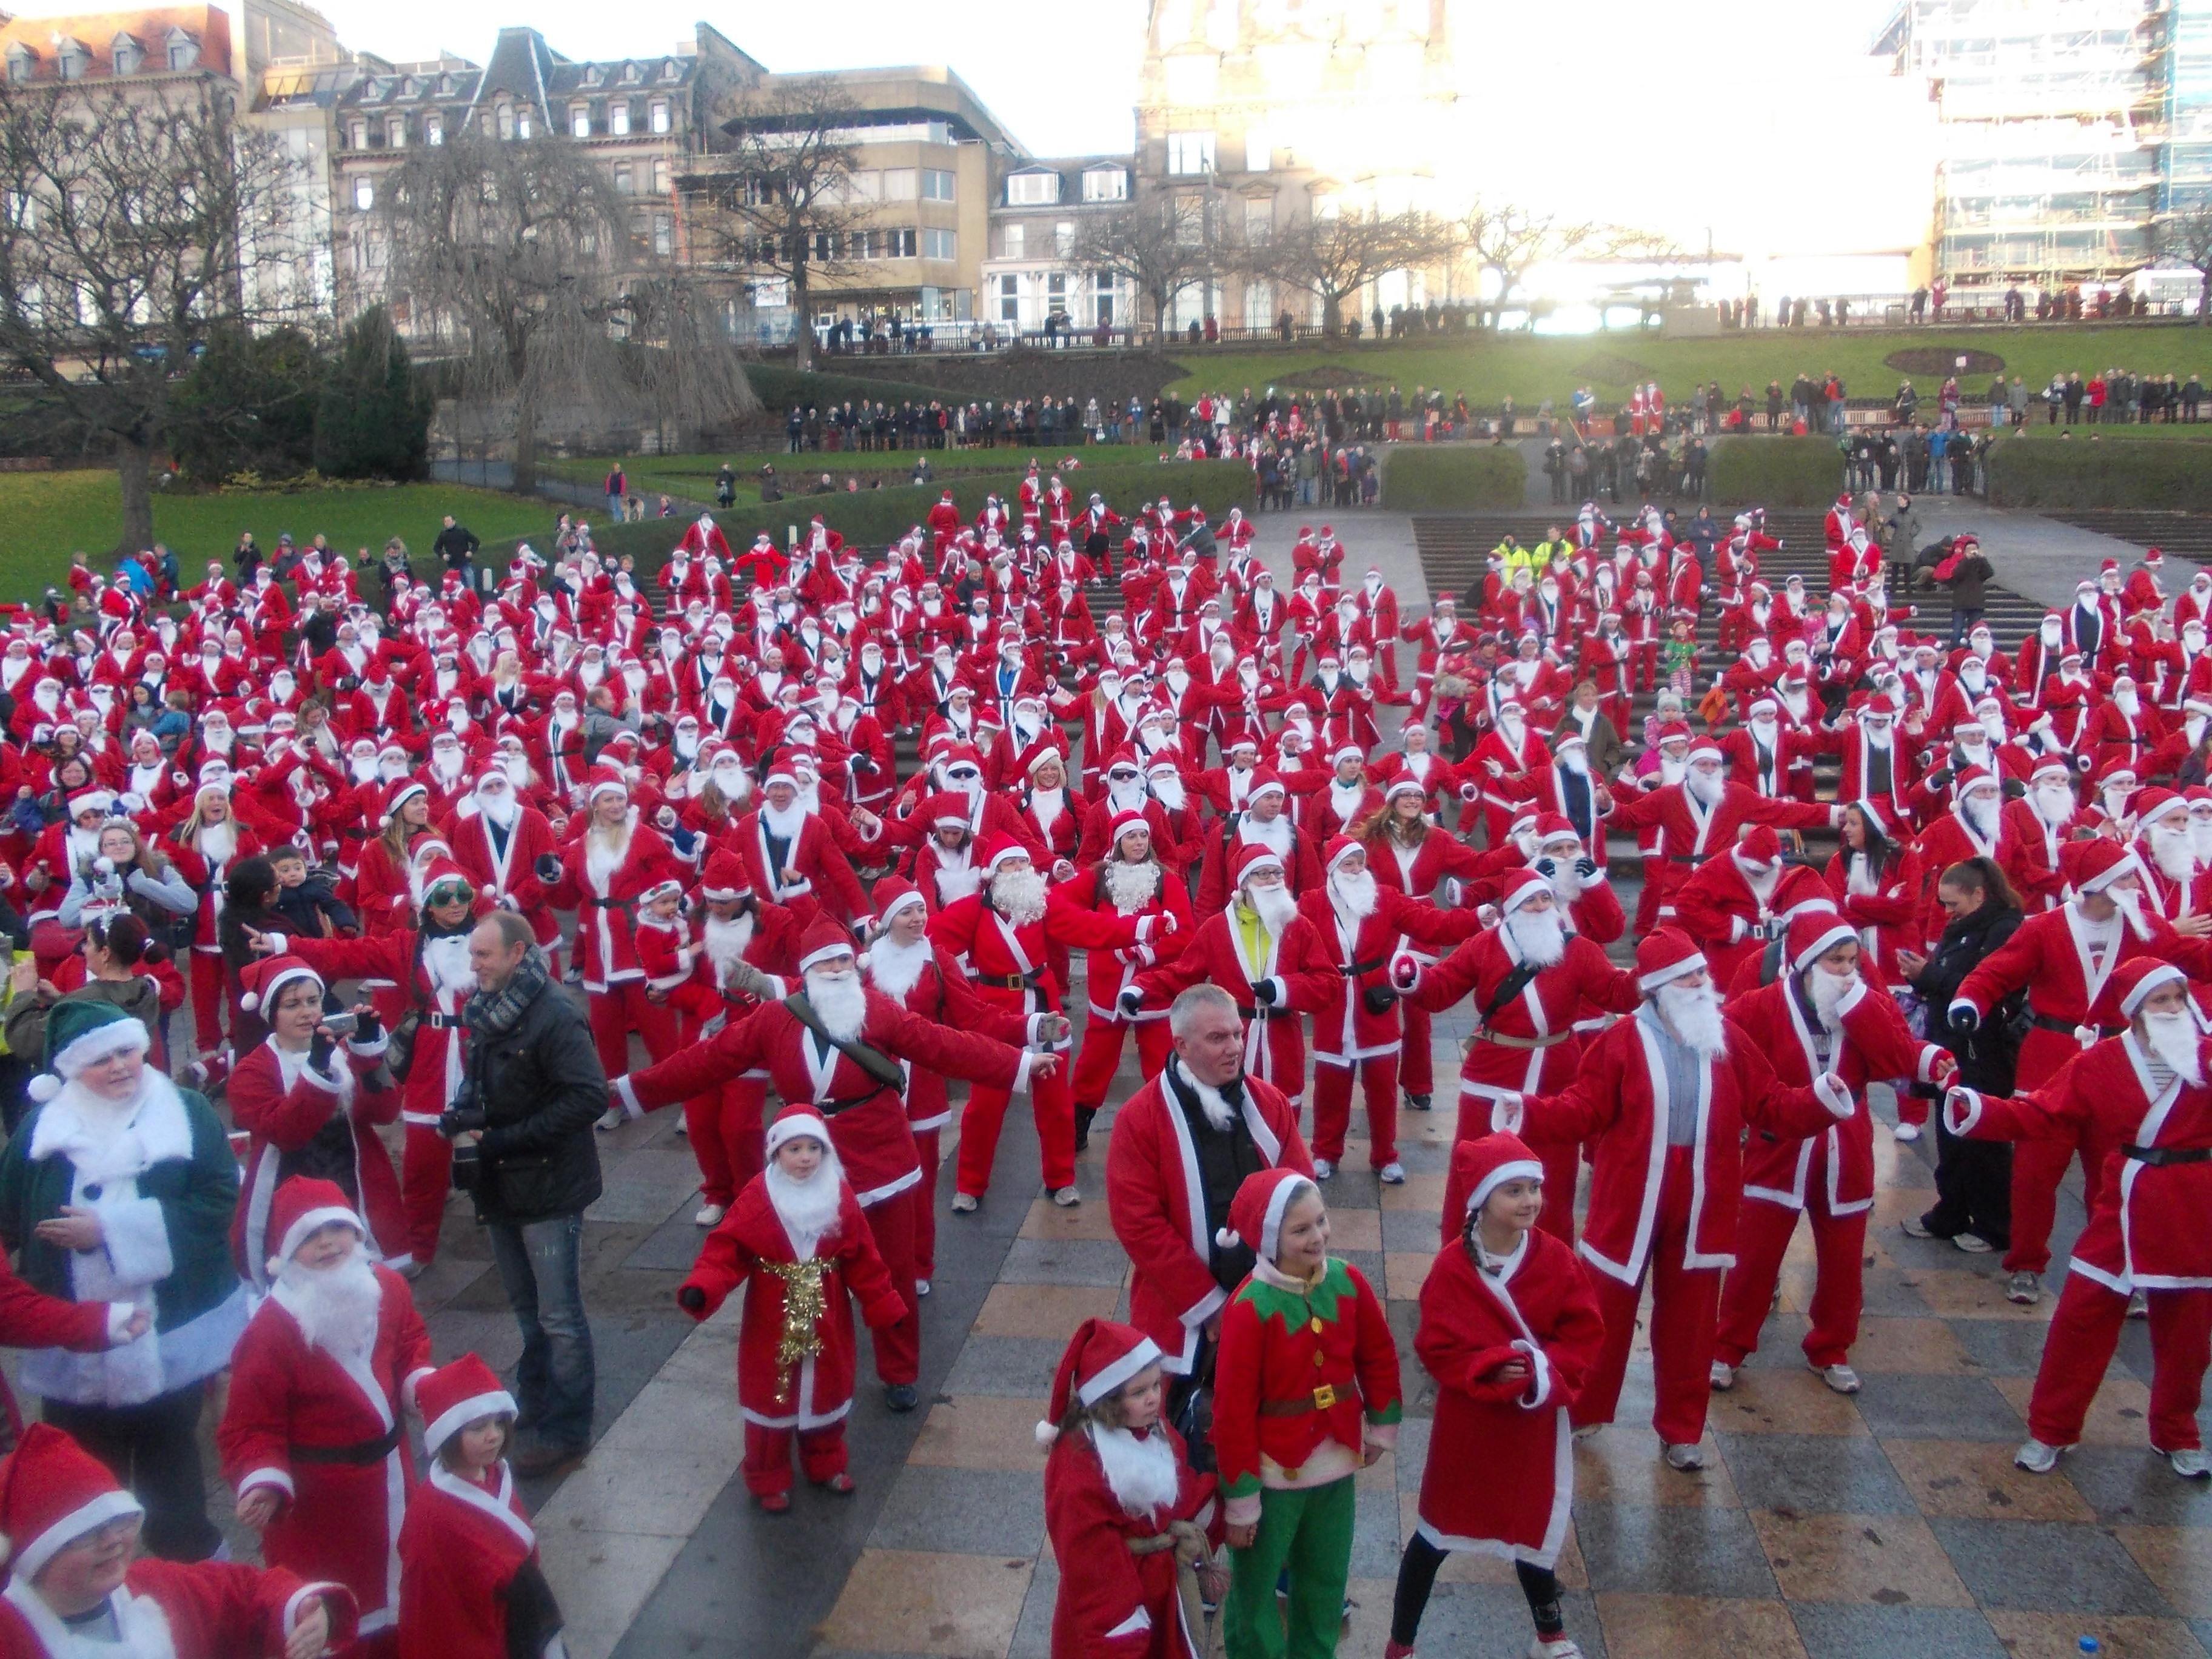 Santa RUN Edinburgh